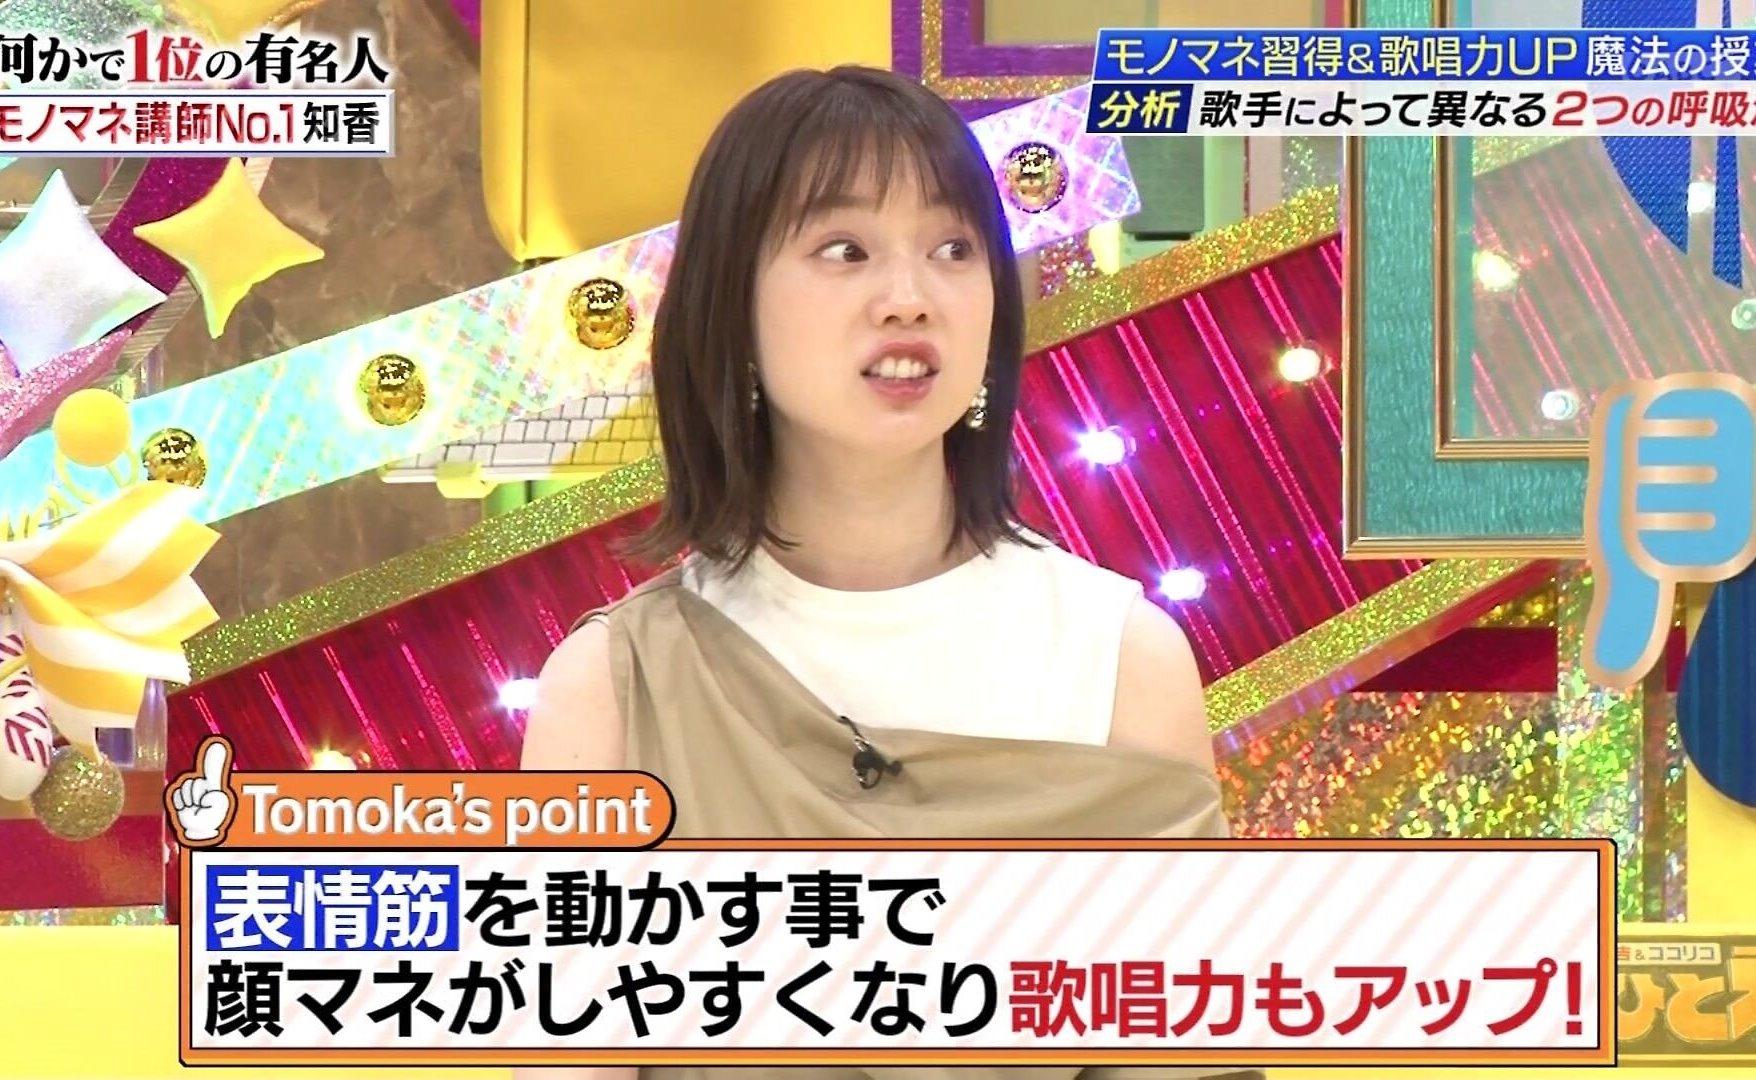 弘中綾香の変顔&舌出し (3)